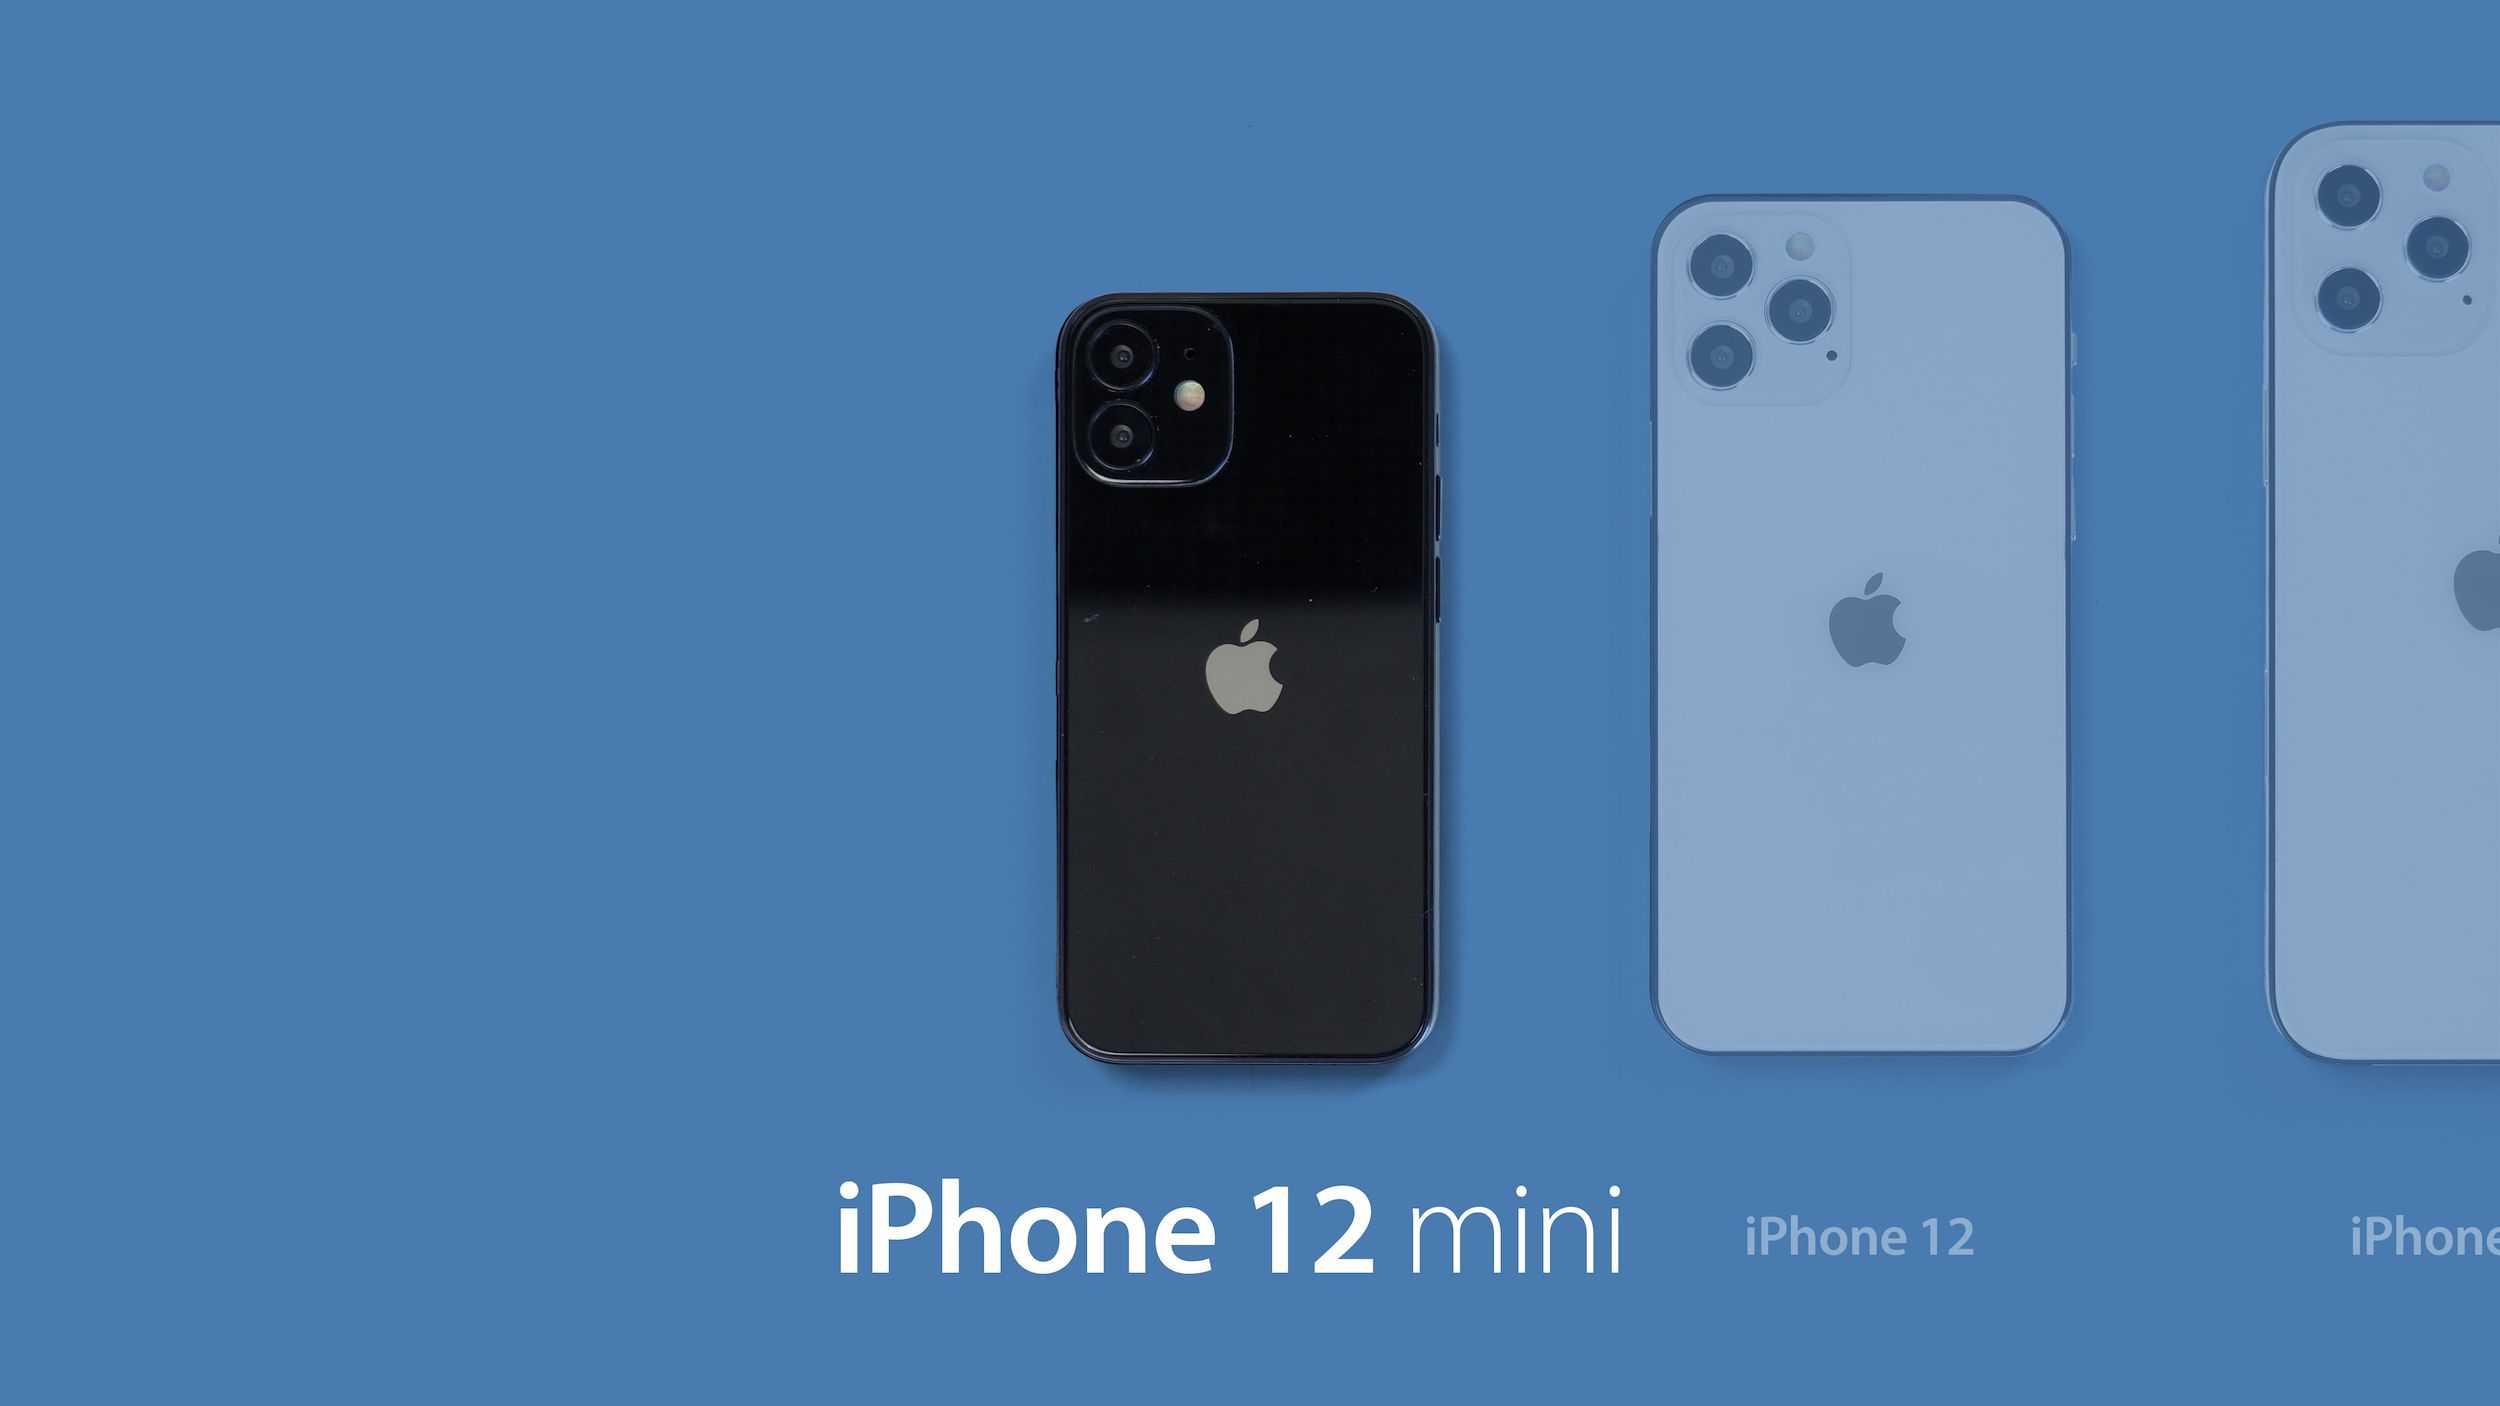 По слухам, линейка iPhone 12 будет называться «iPhone 12 mini», «iPhone 12», «iPhone 12 Pro» и «iPhone 12 Pro Max» - MacRumors